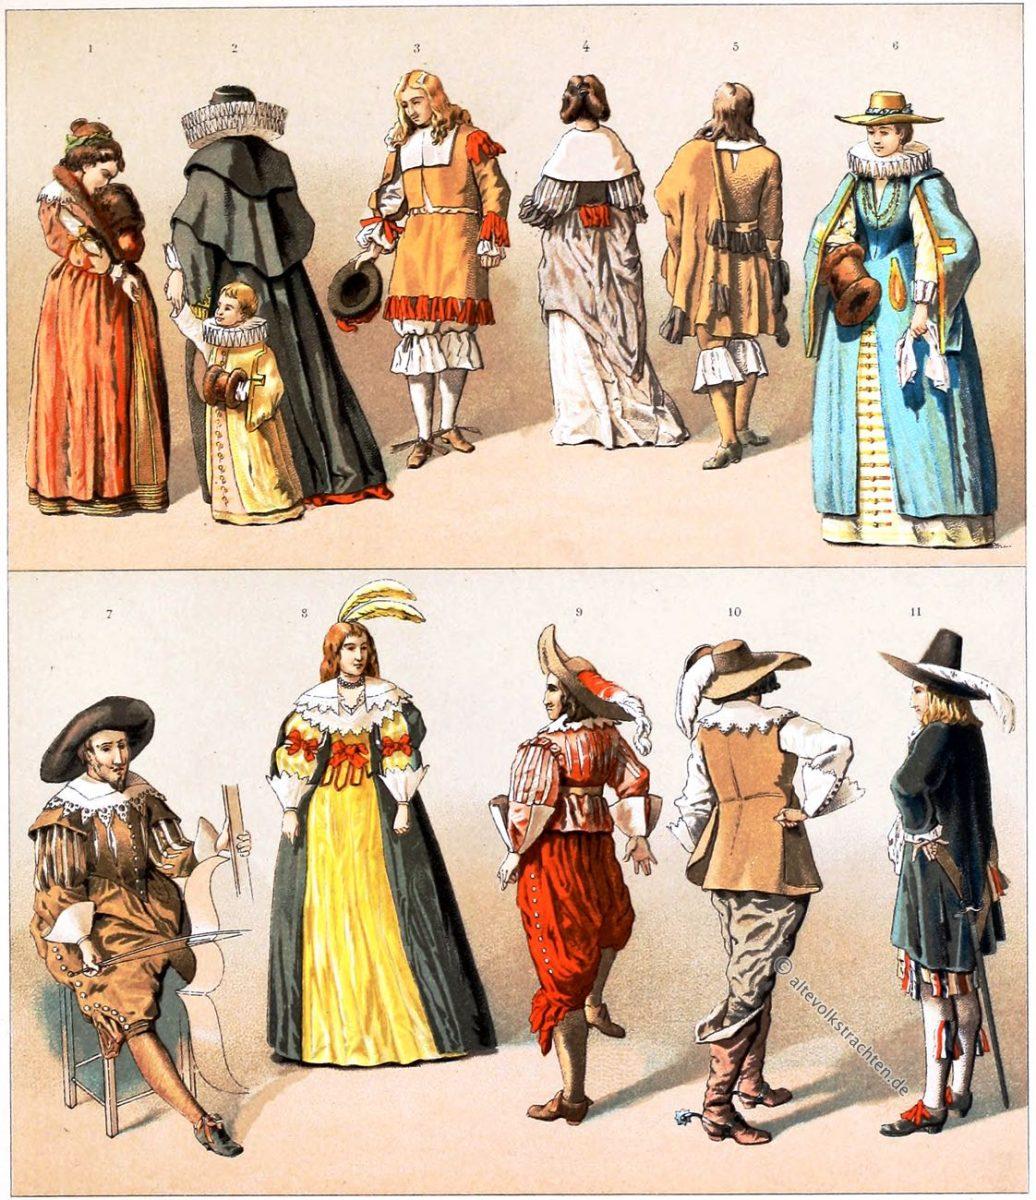 Auguste Racinet, HAUSTRACHTEN, BÜRGER, Adel, Bürgerstand, Holland, Kleidung, Barock, Kostümgeschichte,